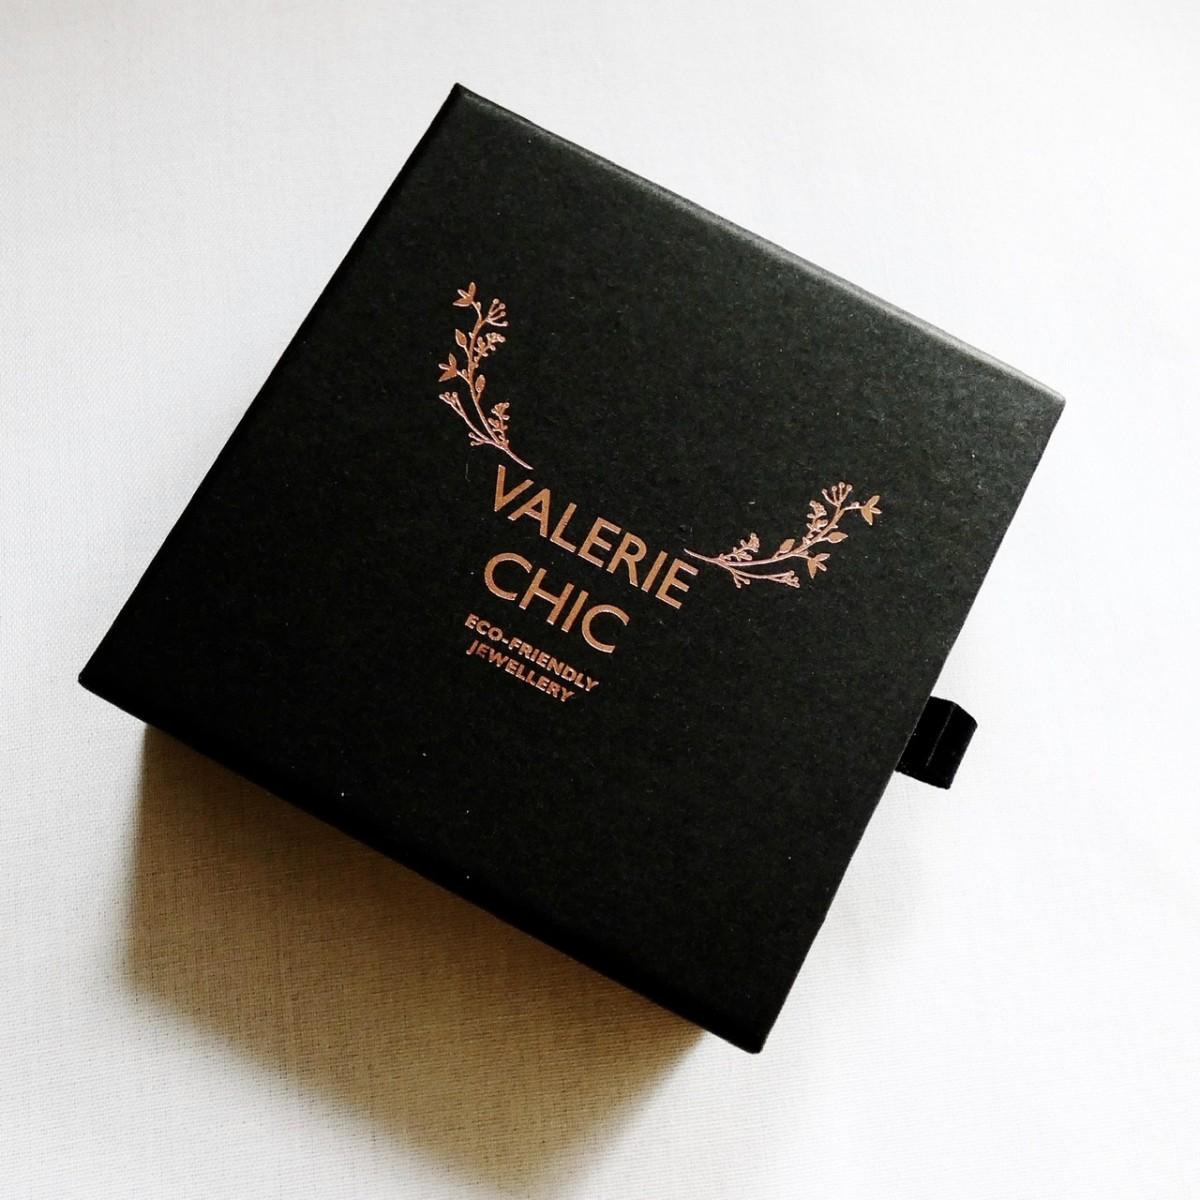 Valerie Chic - LANA Kette Choker - 18 Karat vergoldet, Büffelhorn